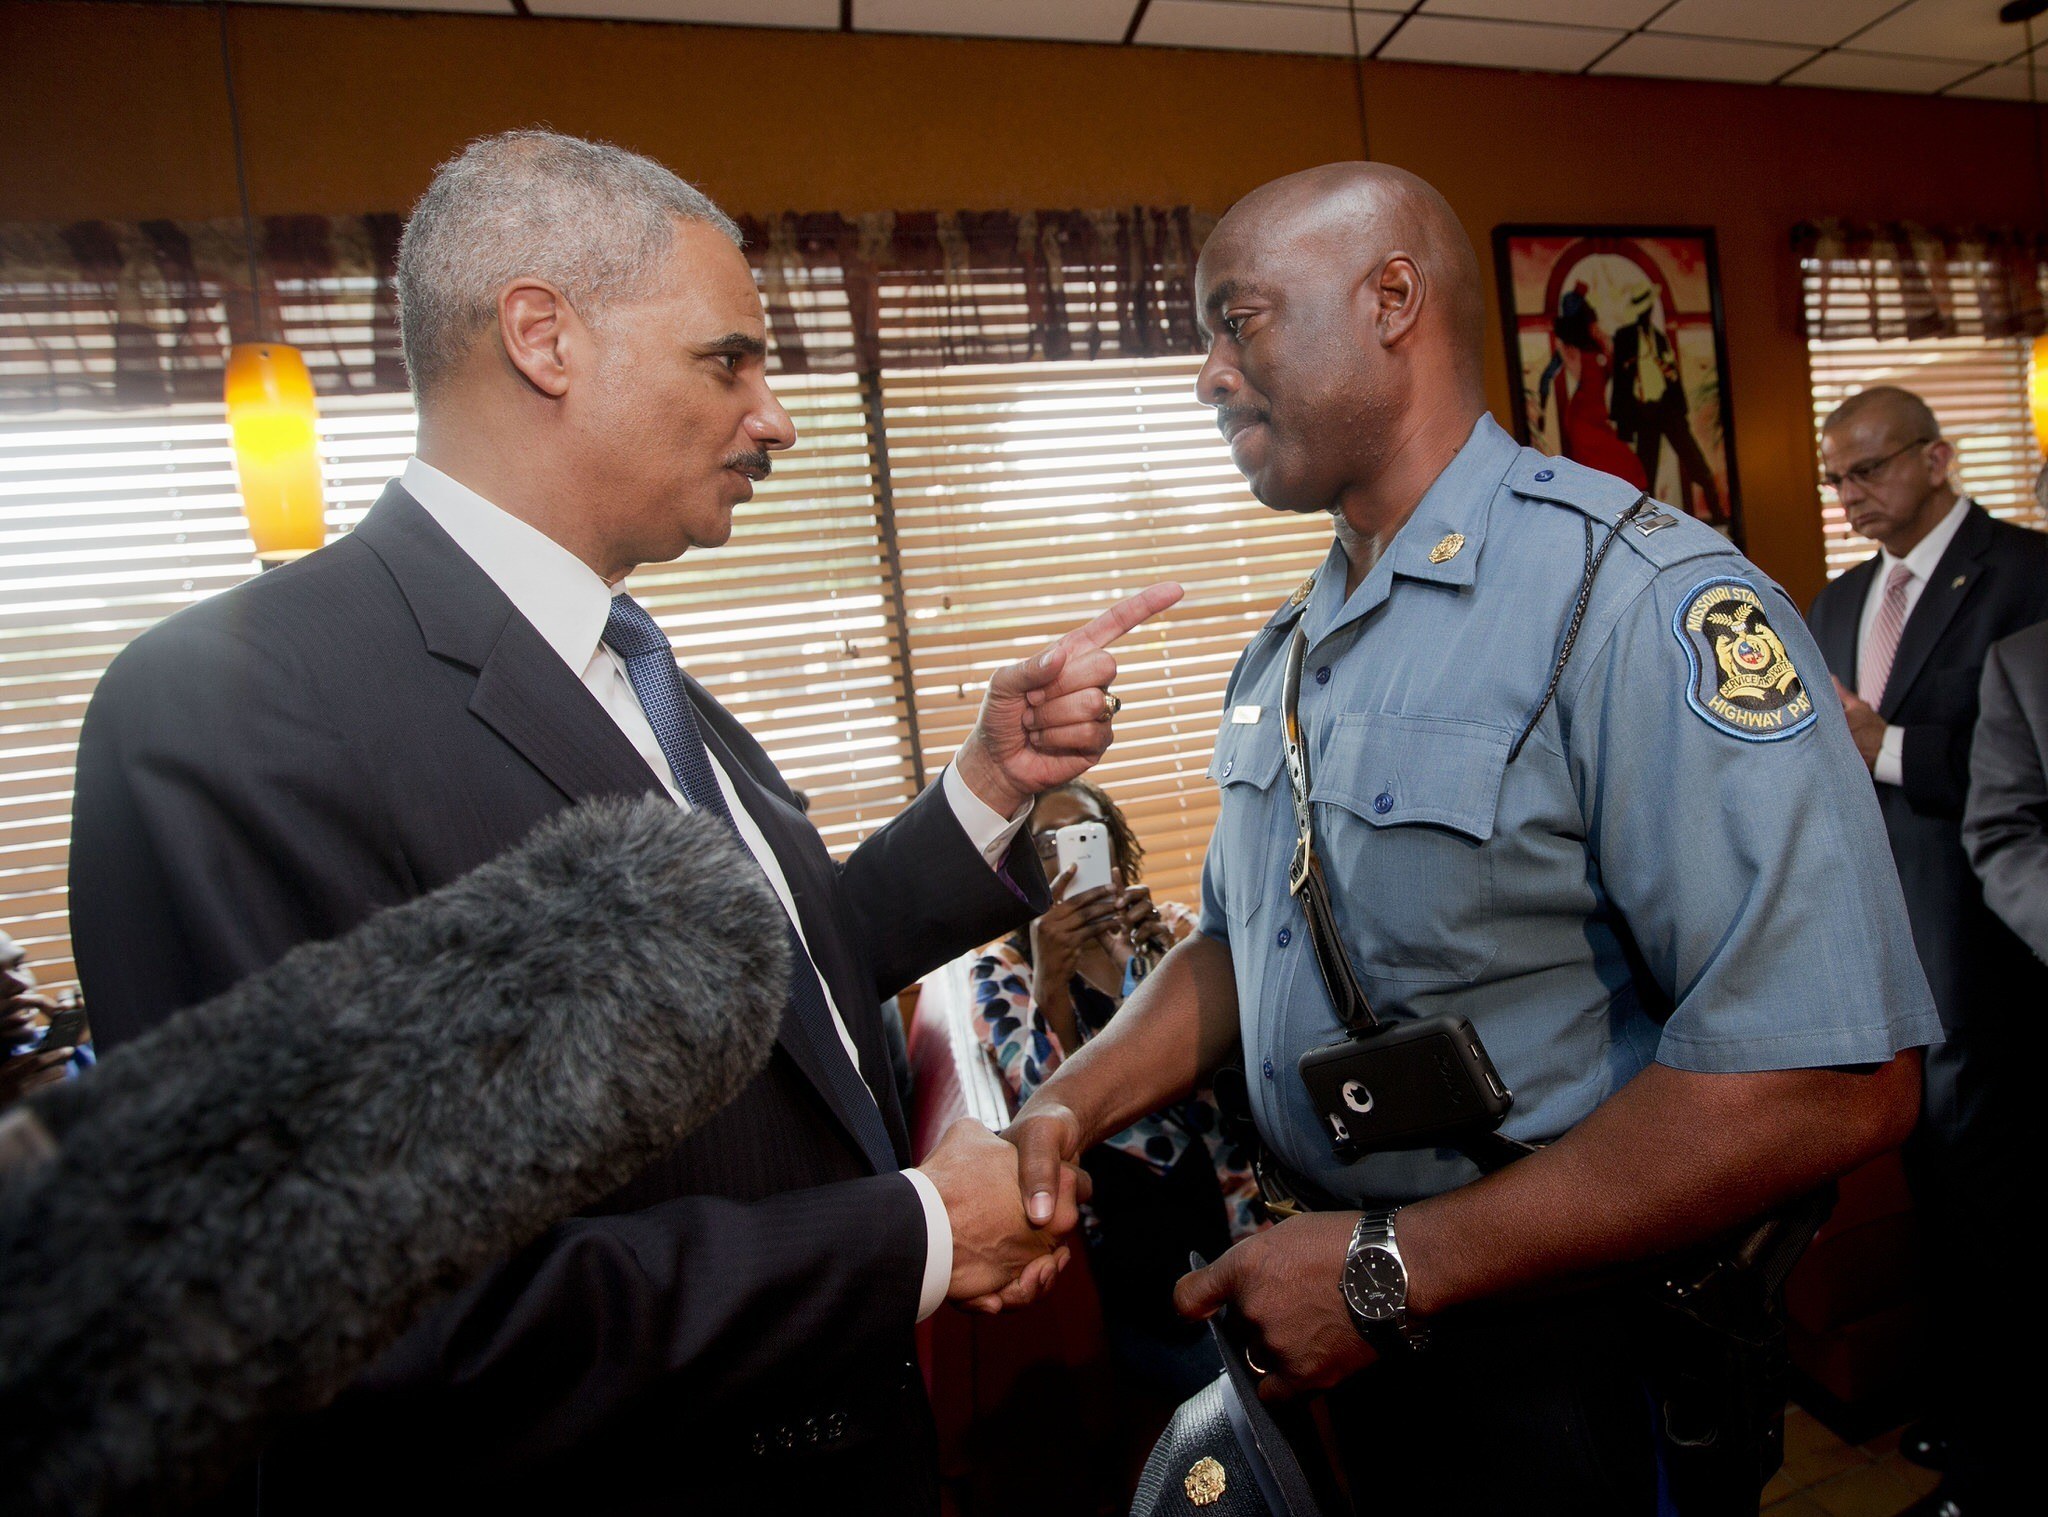 Holder says he understands mistrust of police